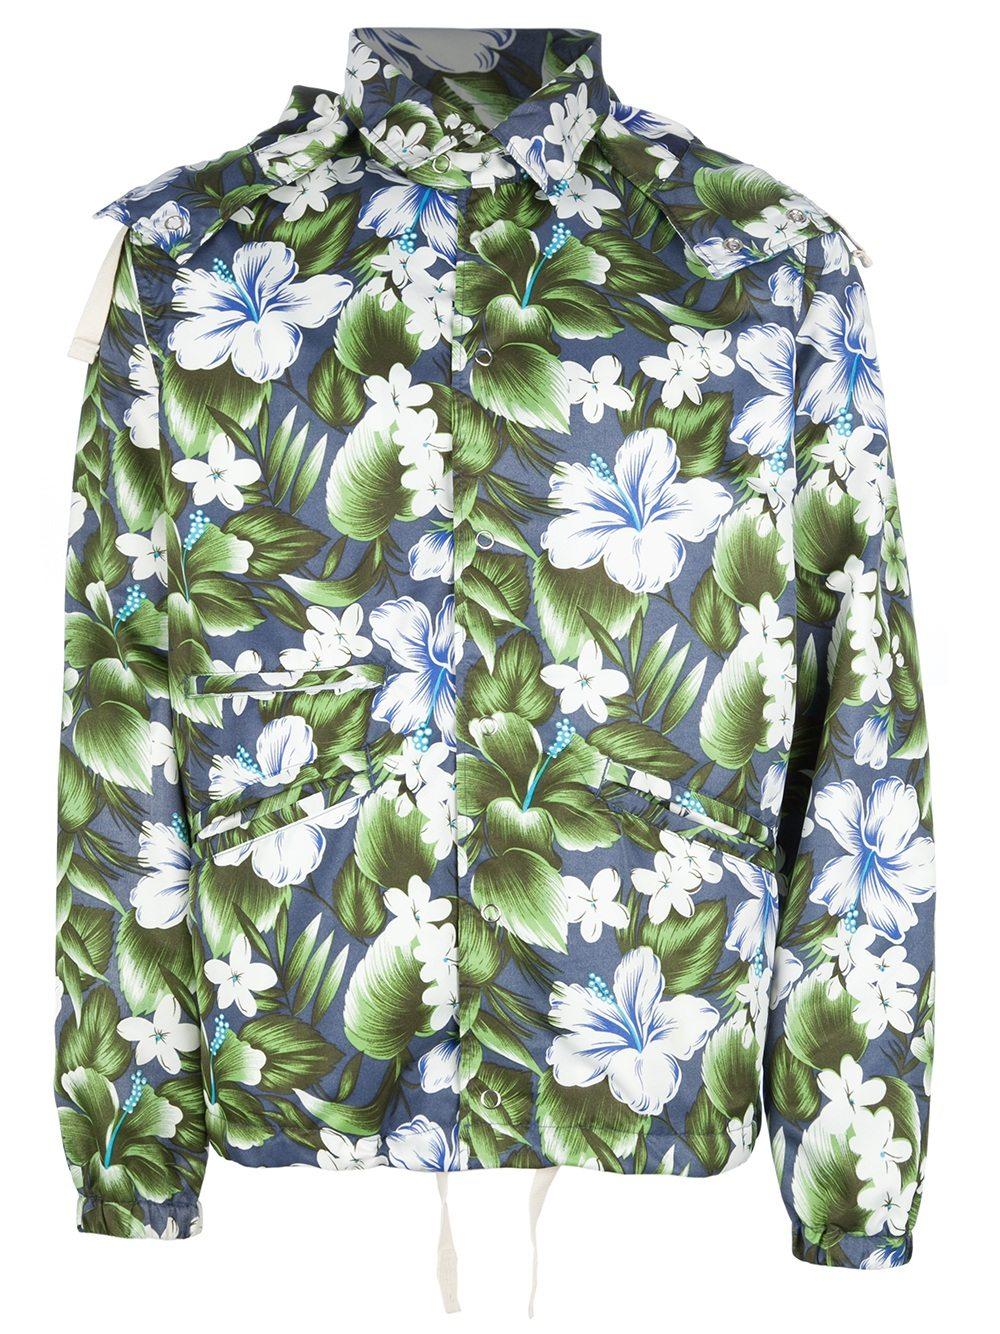 Hawaiian-Print-Hooded-Jacket-Engineered-Floral-Print-FarFetch